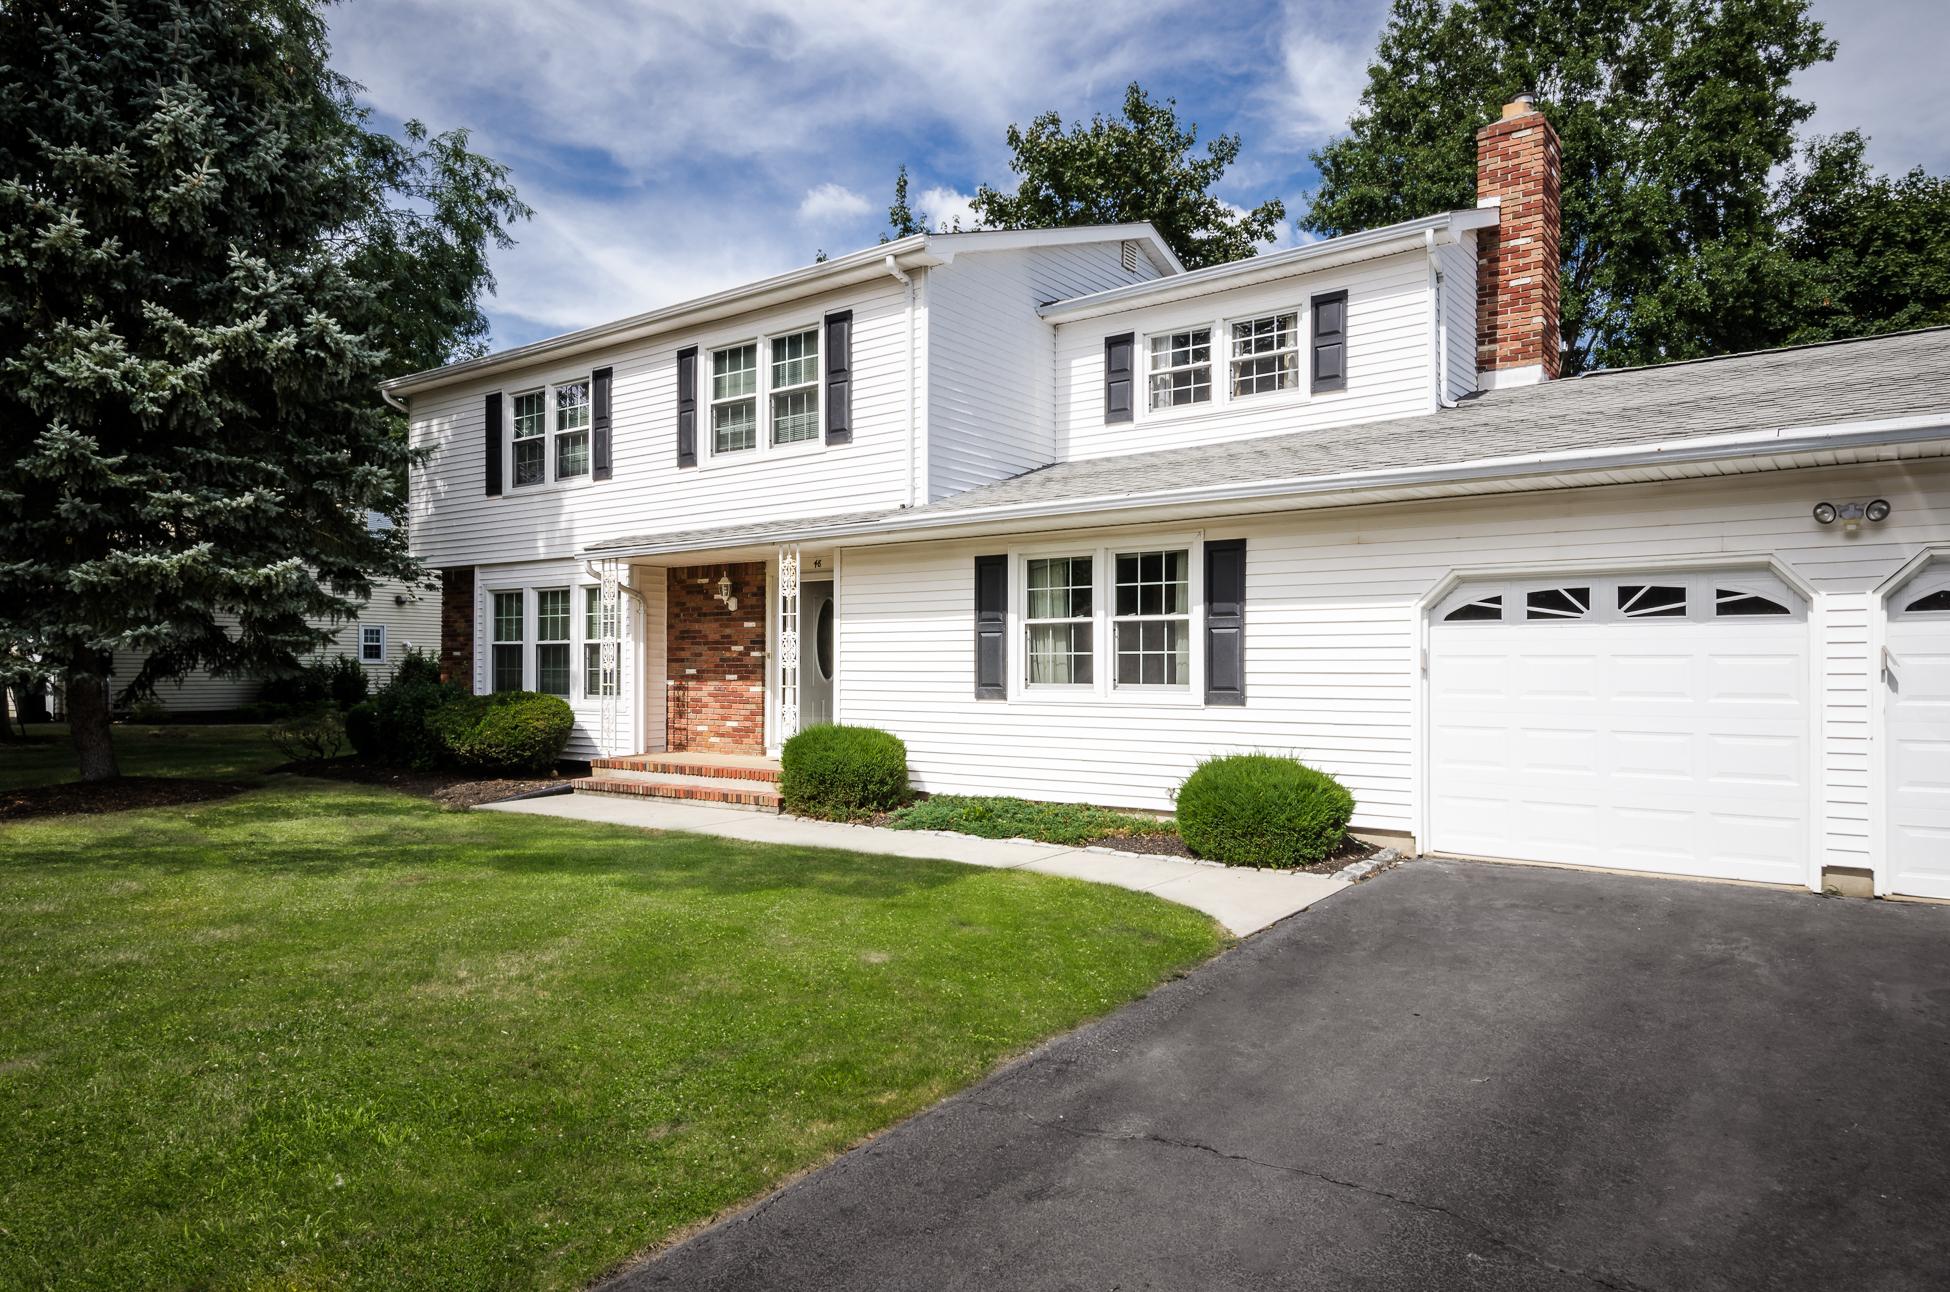 48 Parker Rd, Plainsboro, NJ 08536